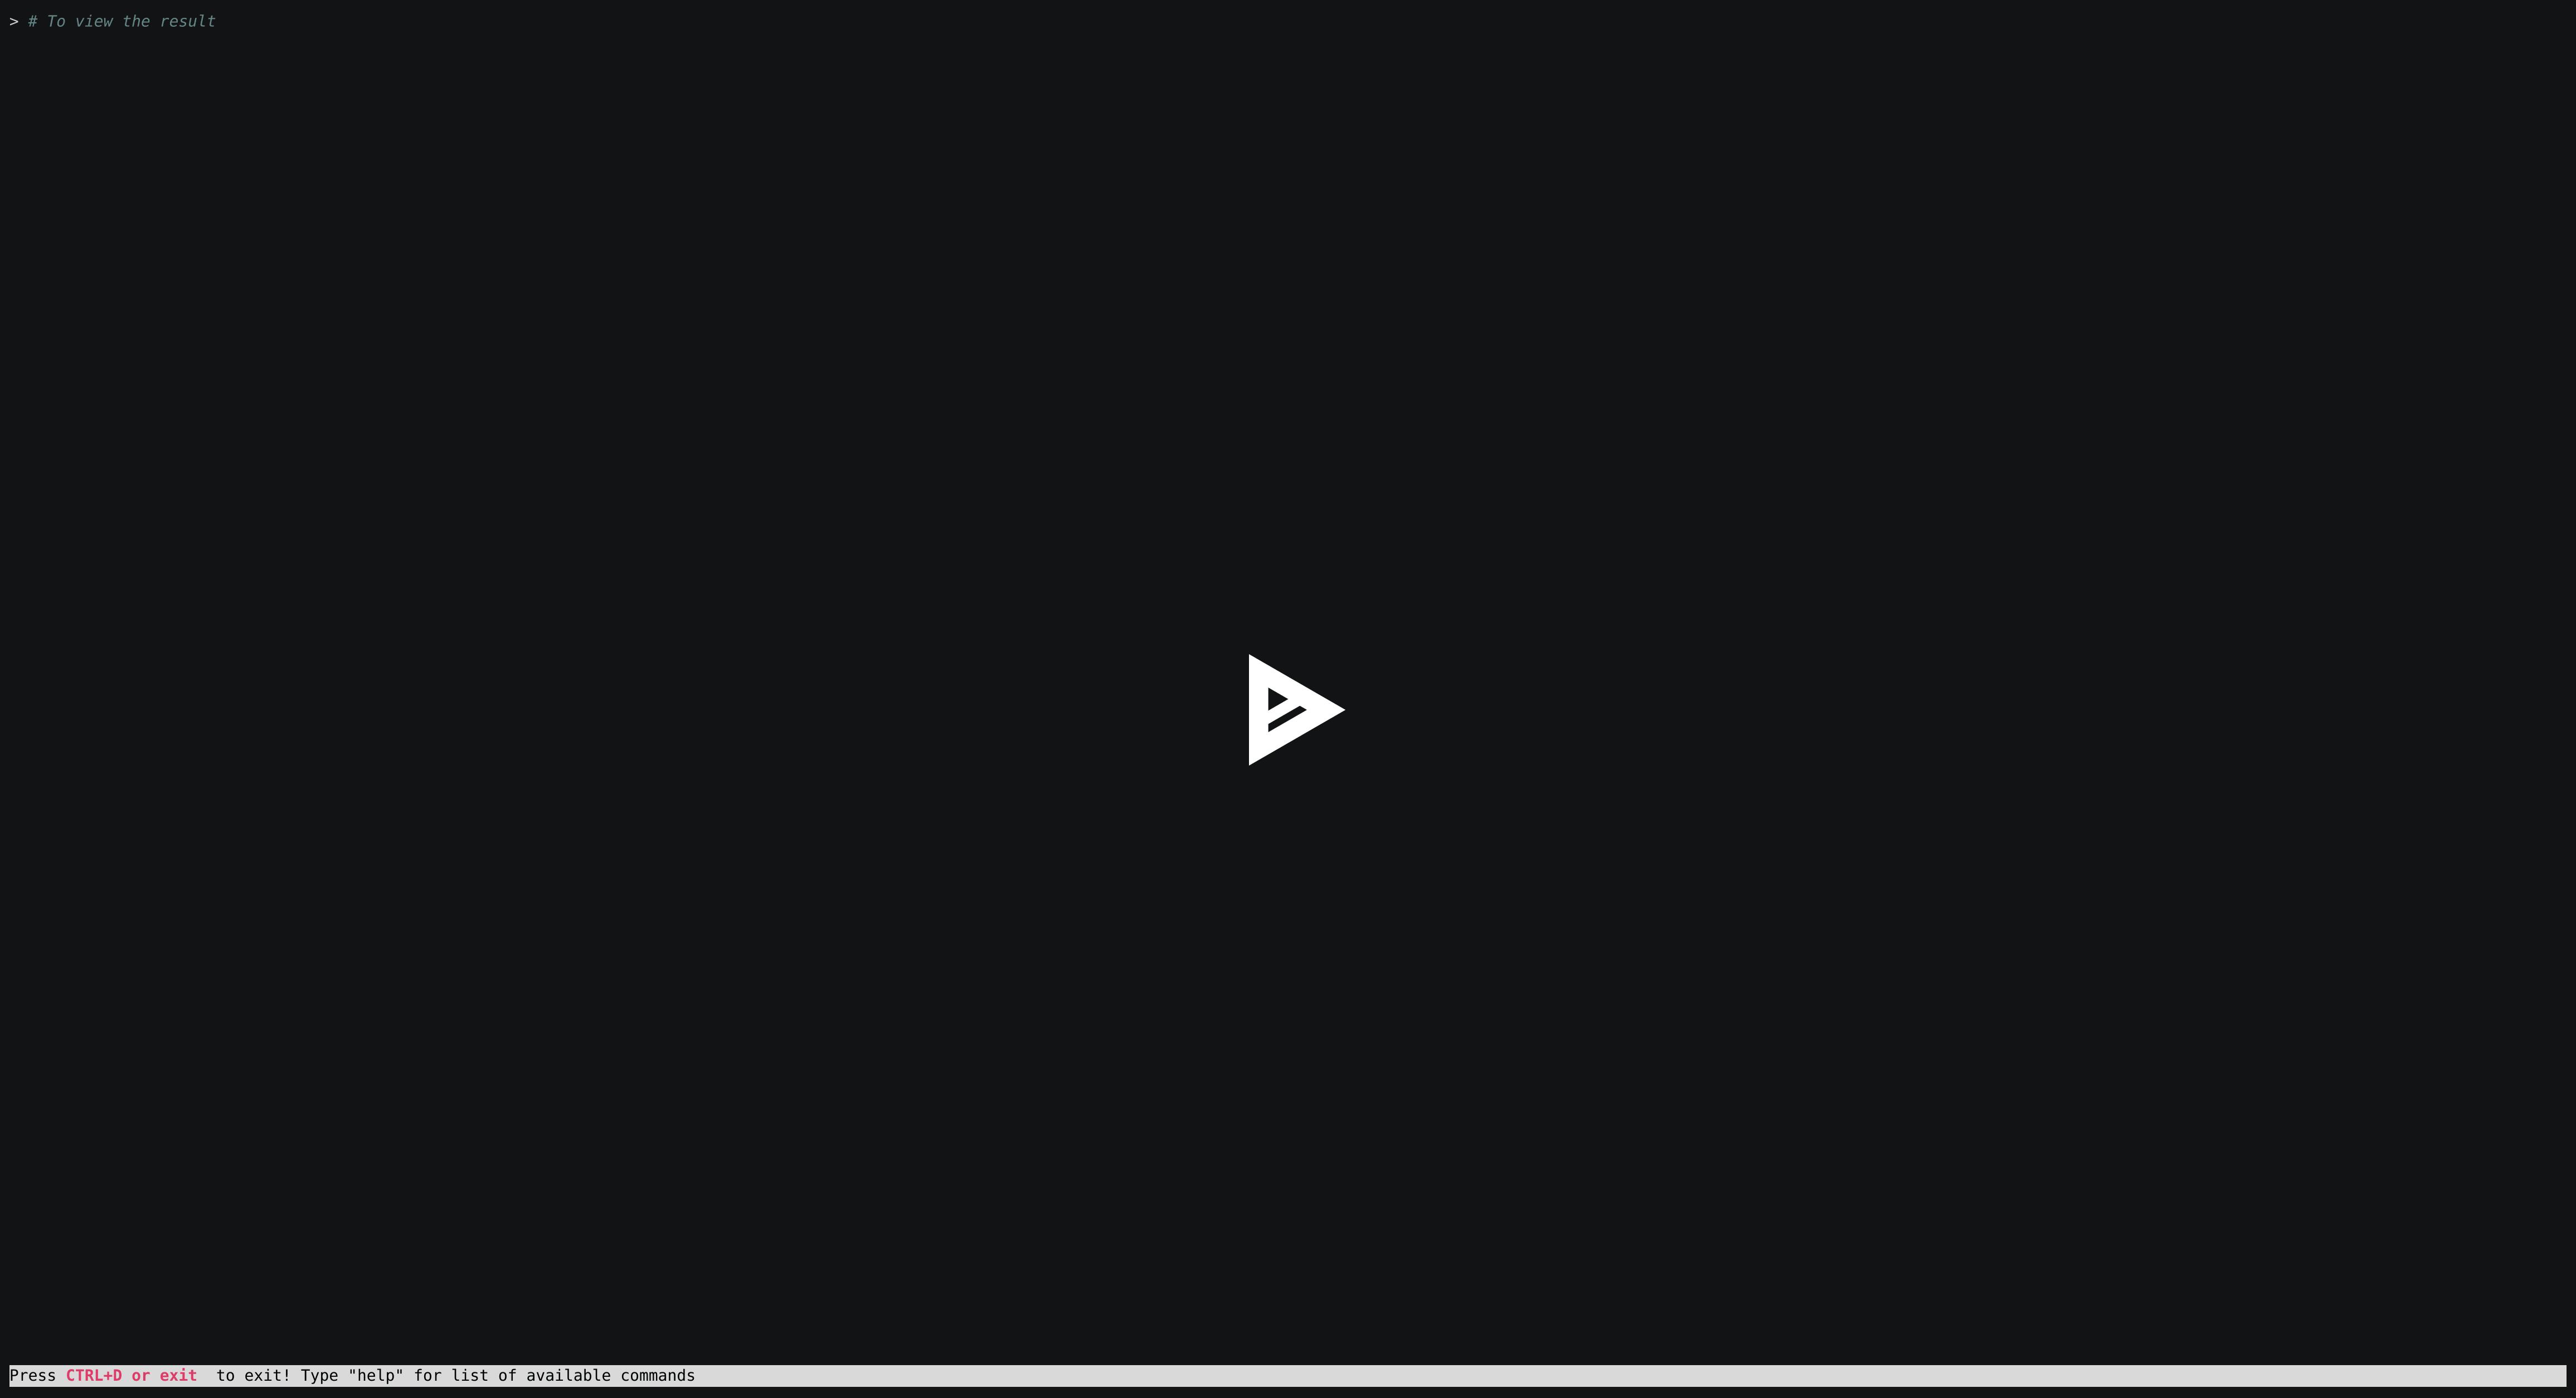 GitHub - riptideio/pymodbus: A full modbus protocol written